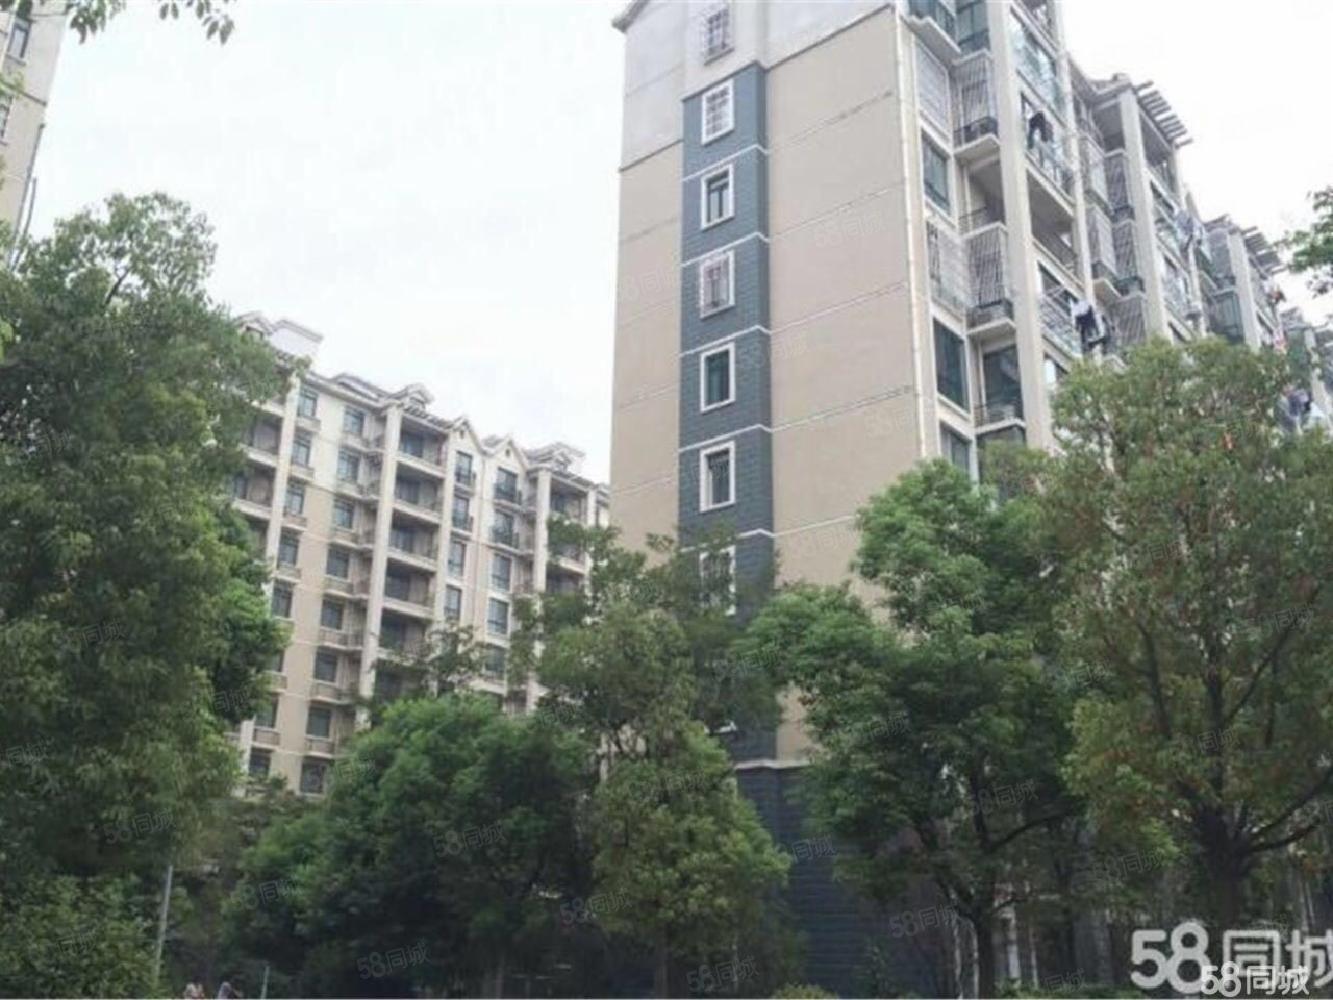 《兴乐房产》丽水湾电梯高层97平售价58万,纯毛坯,总价低,